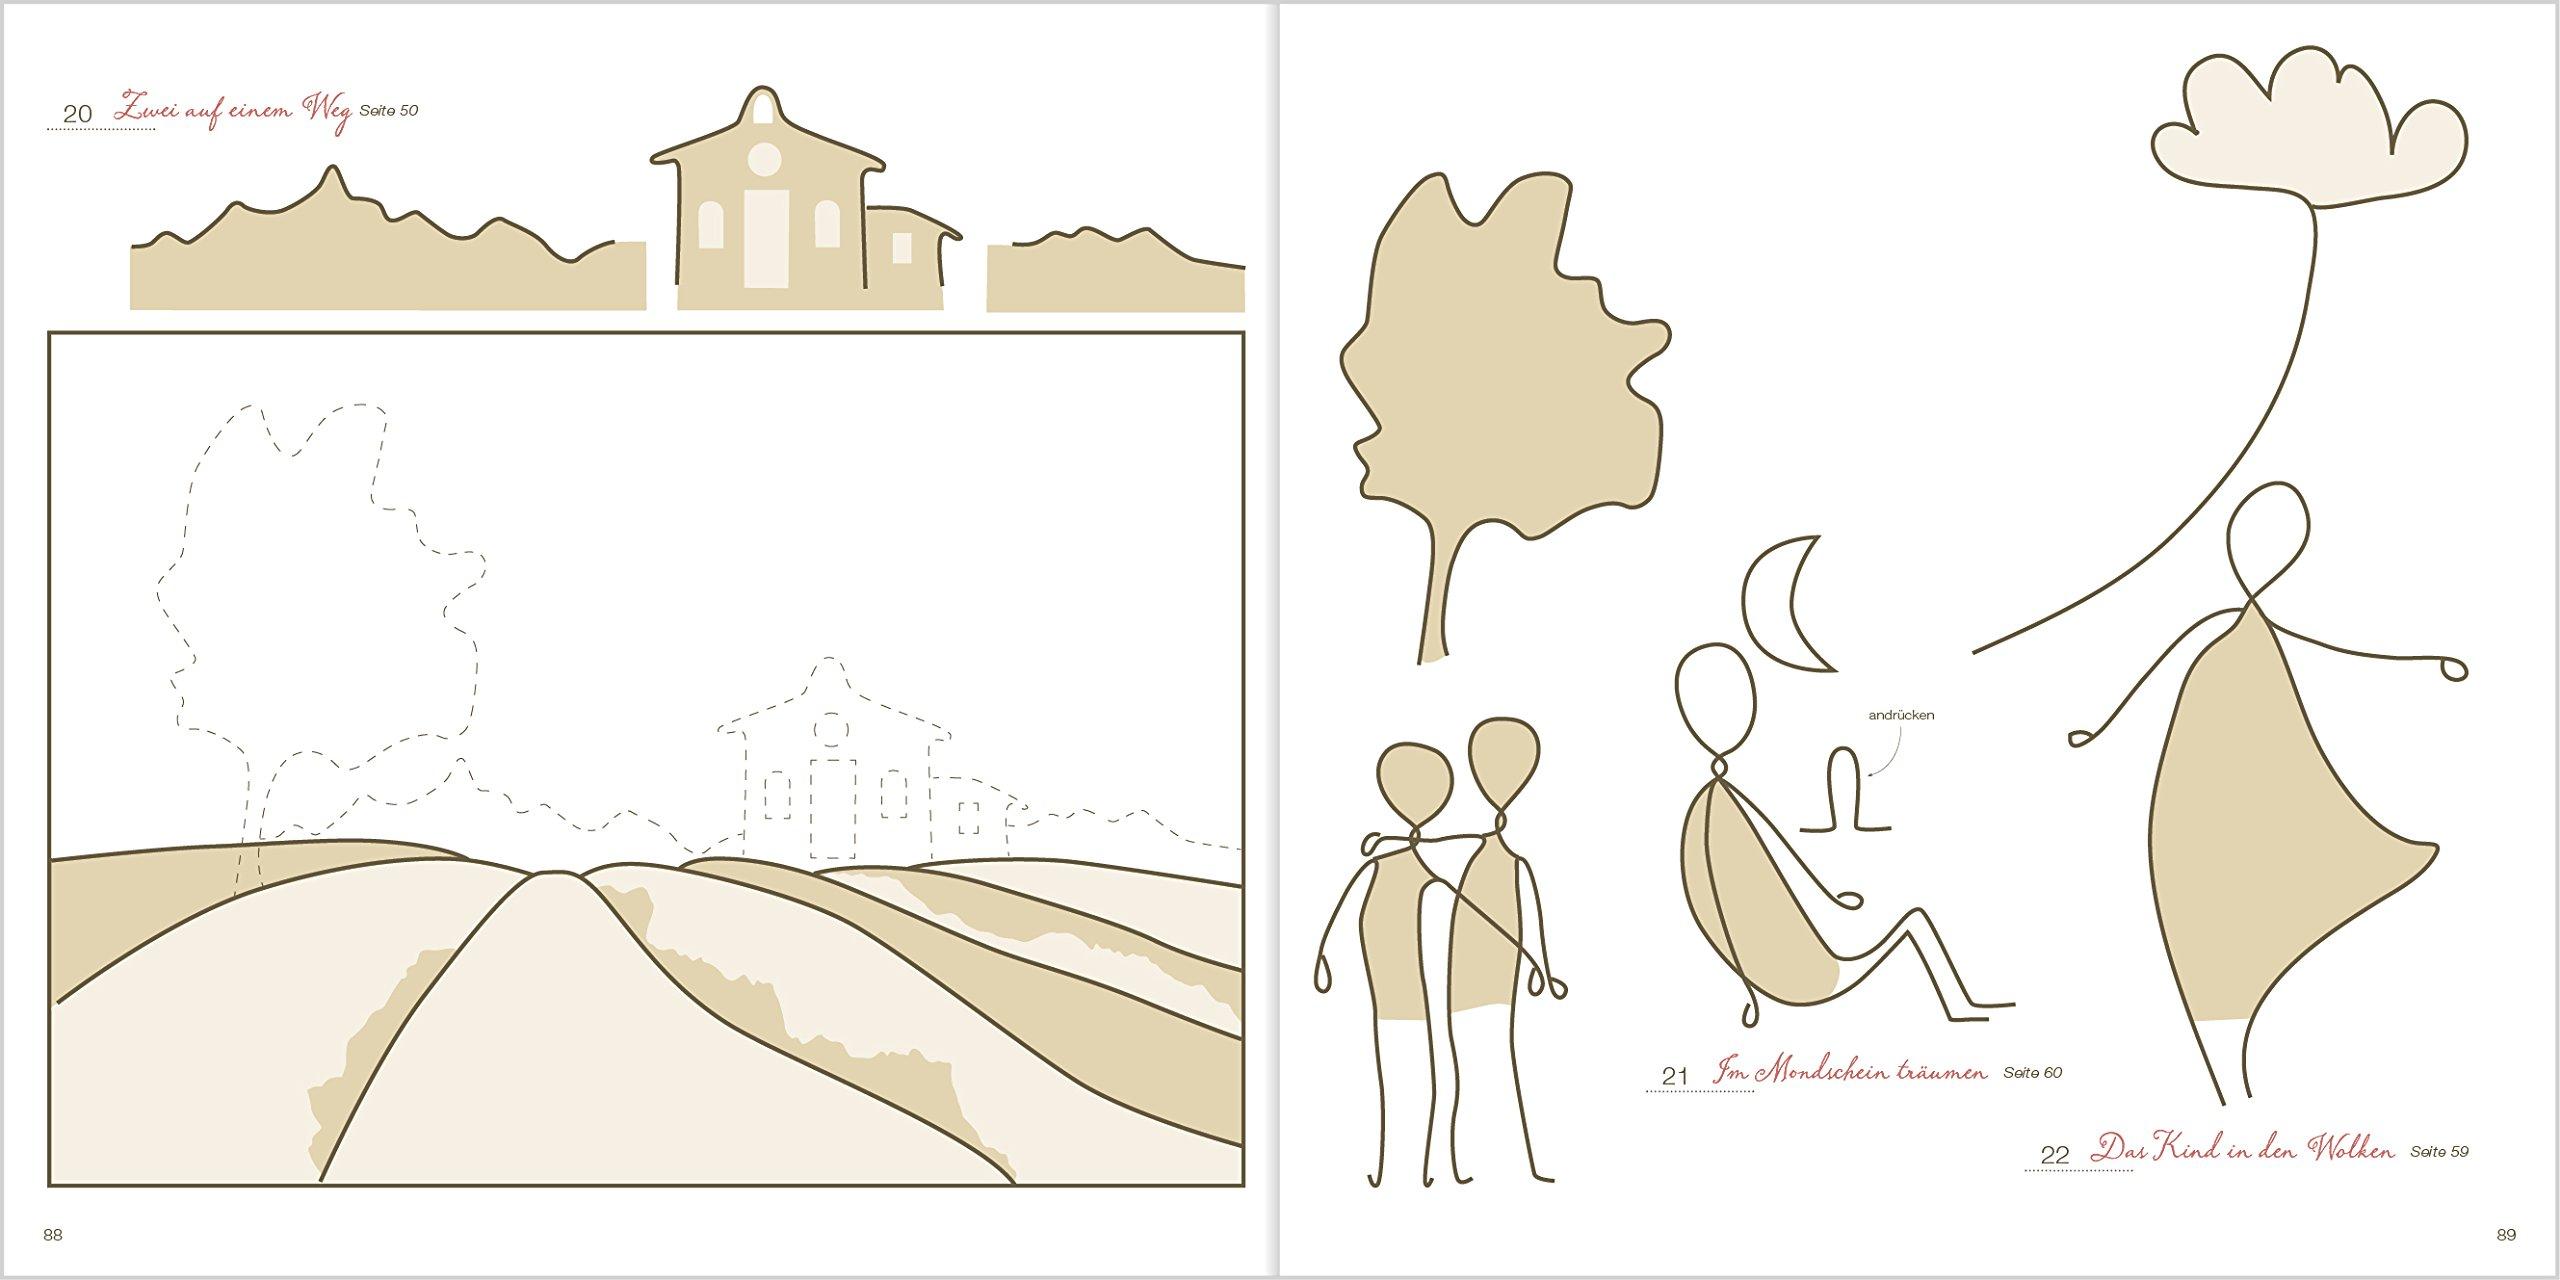 bildergebnis fr papierdraht figuren vorlagen kostenlos draht. Black Bedroom Furniture Sets. Home Design Ideas